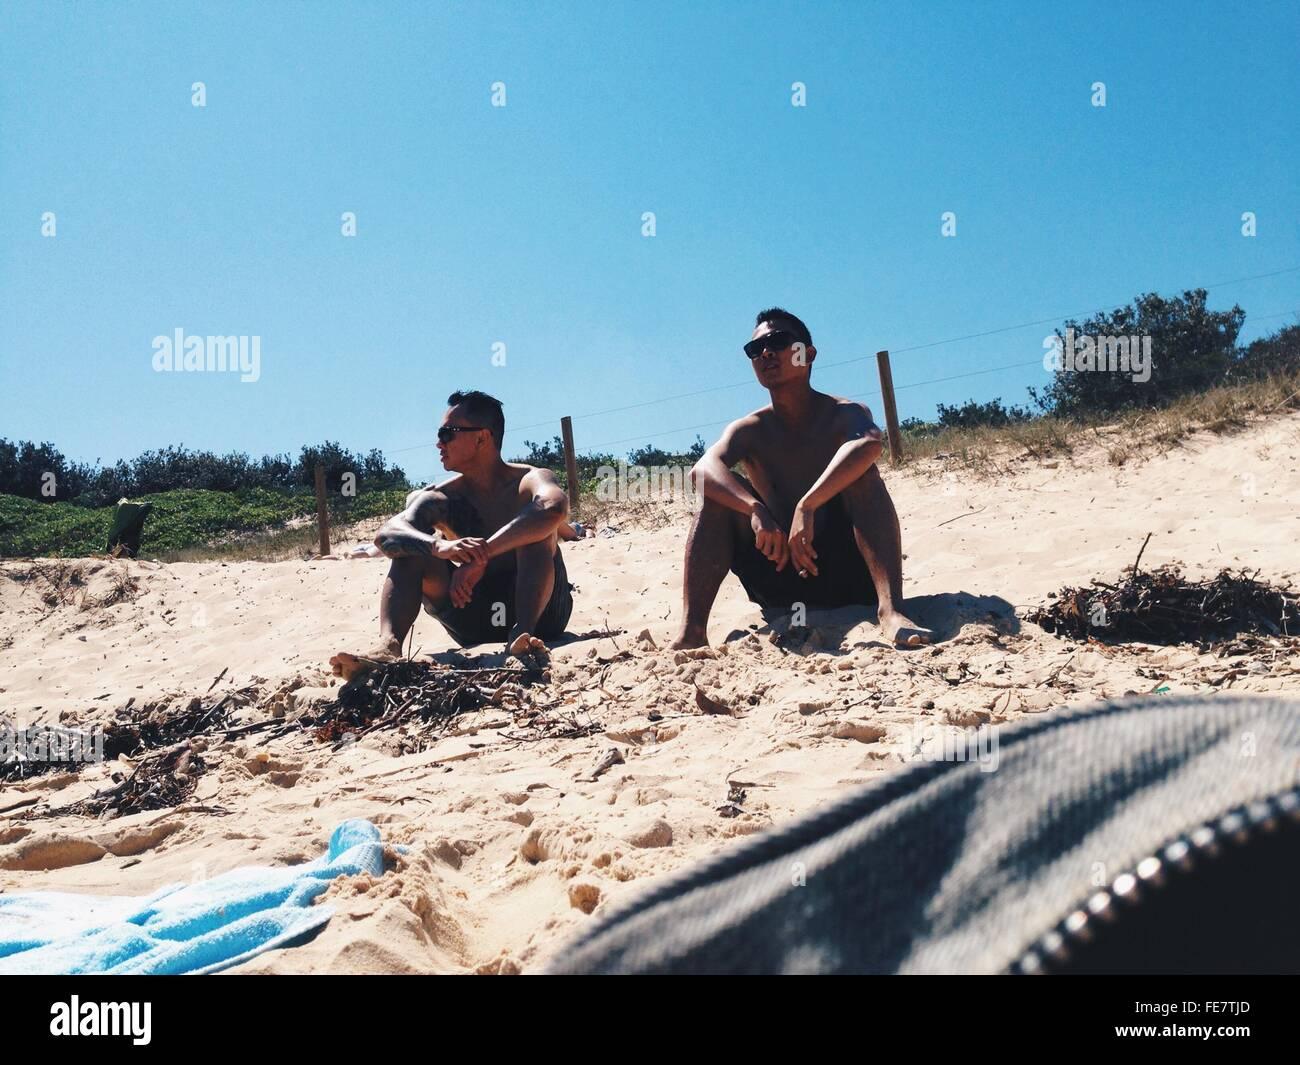 Ángulo de visión baja de amigos relajándose en la playa de arena Imagen De Stock